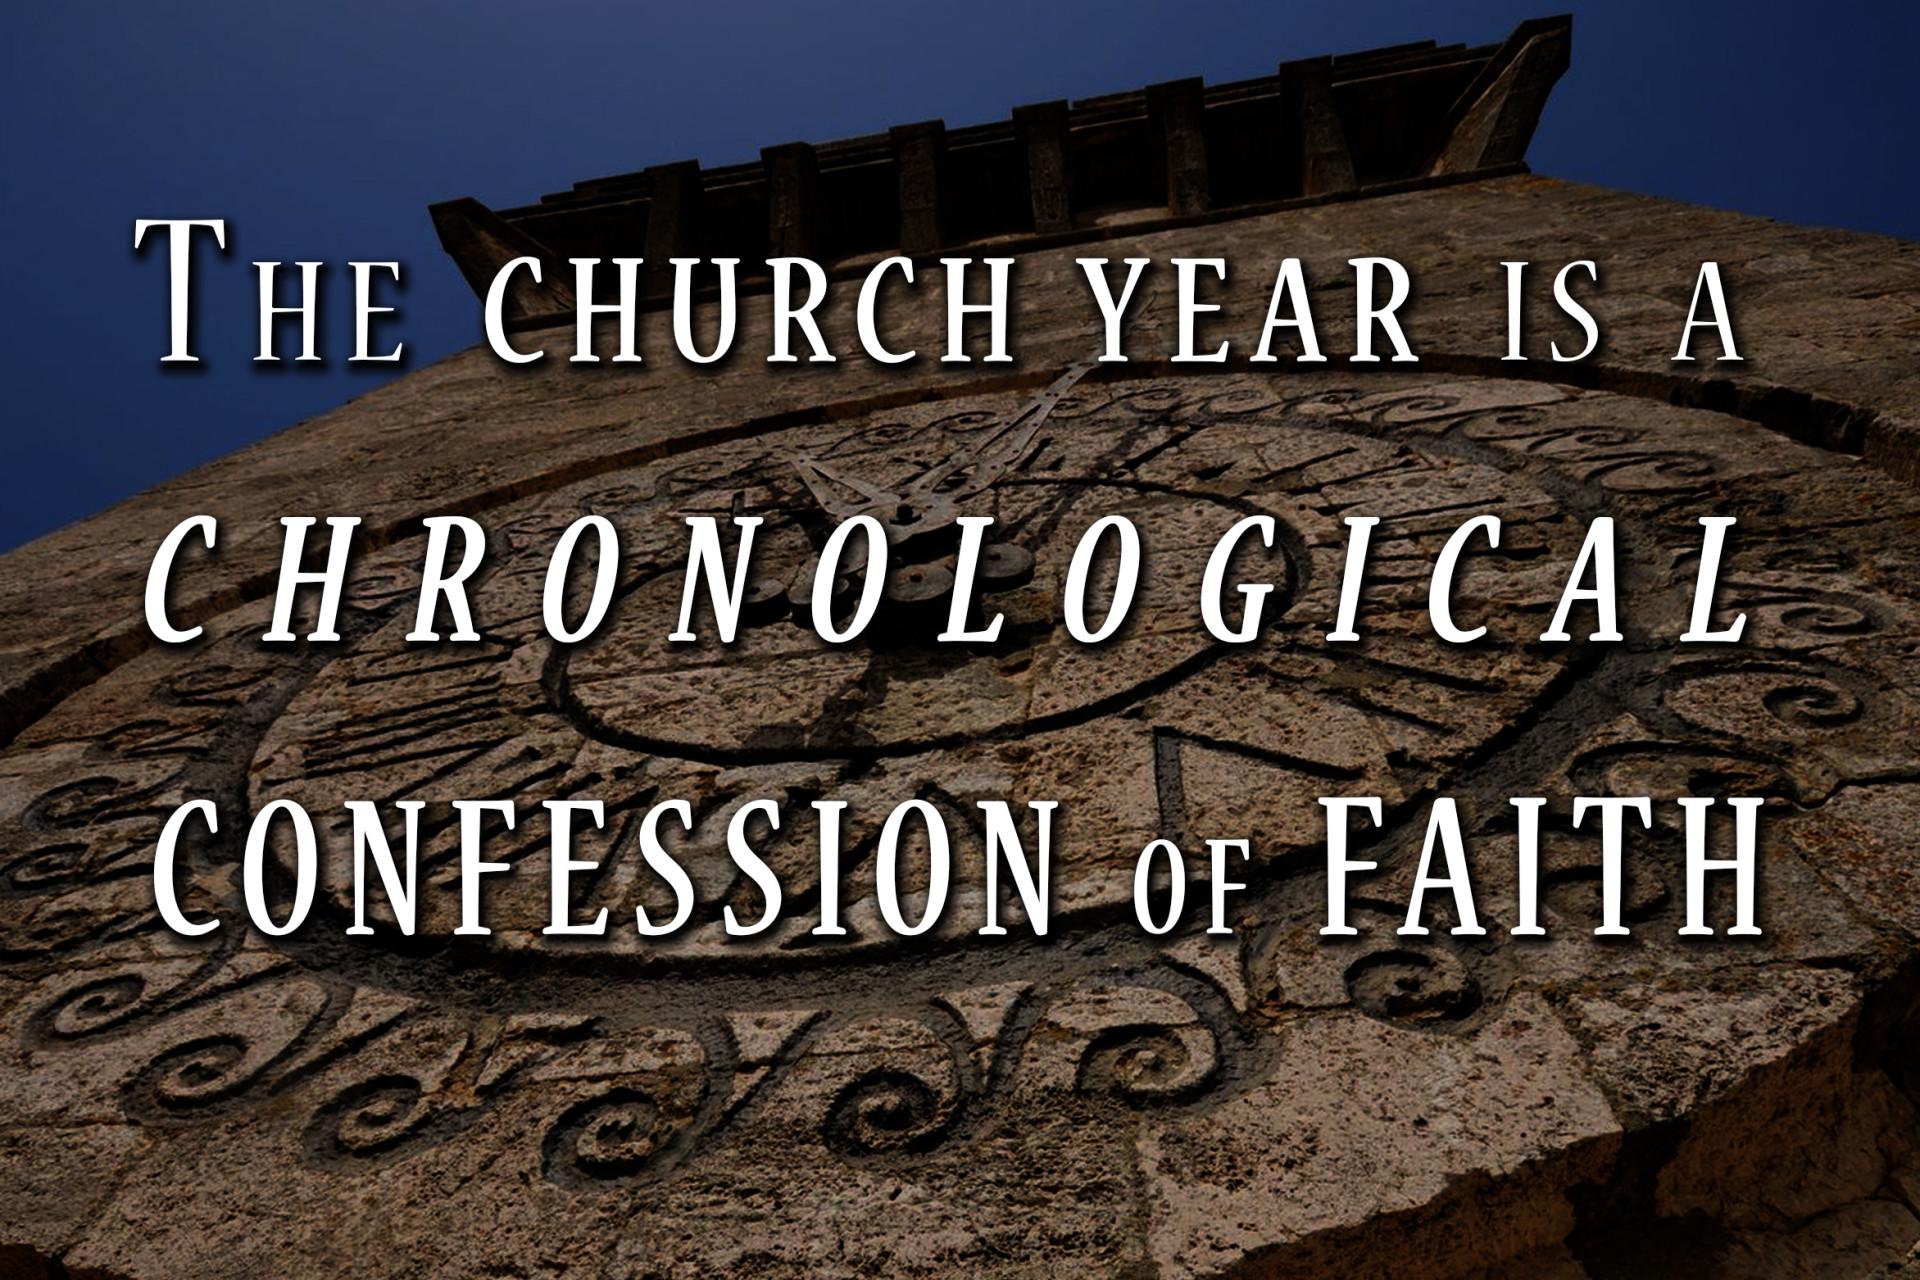 A Chronological Confession of Faith